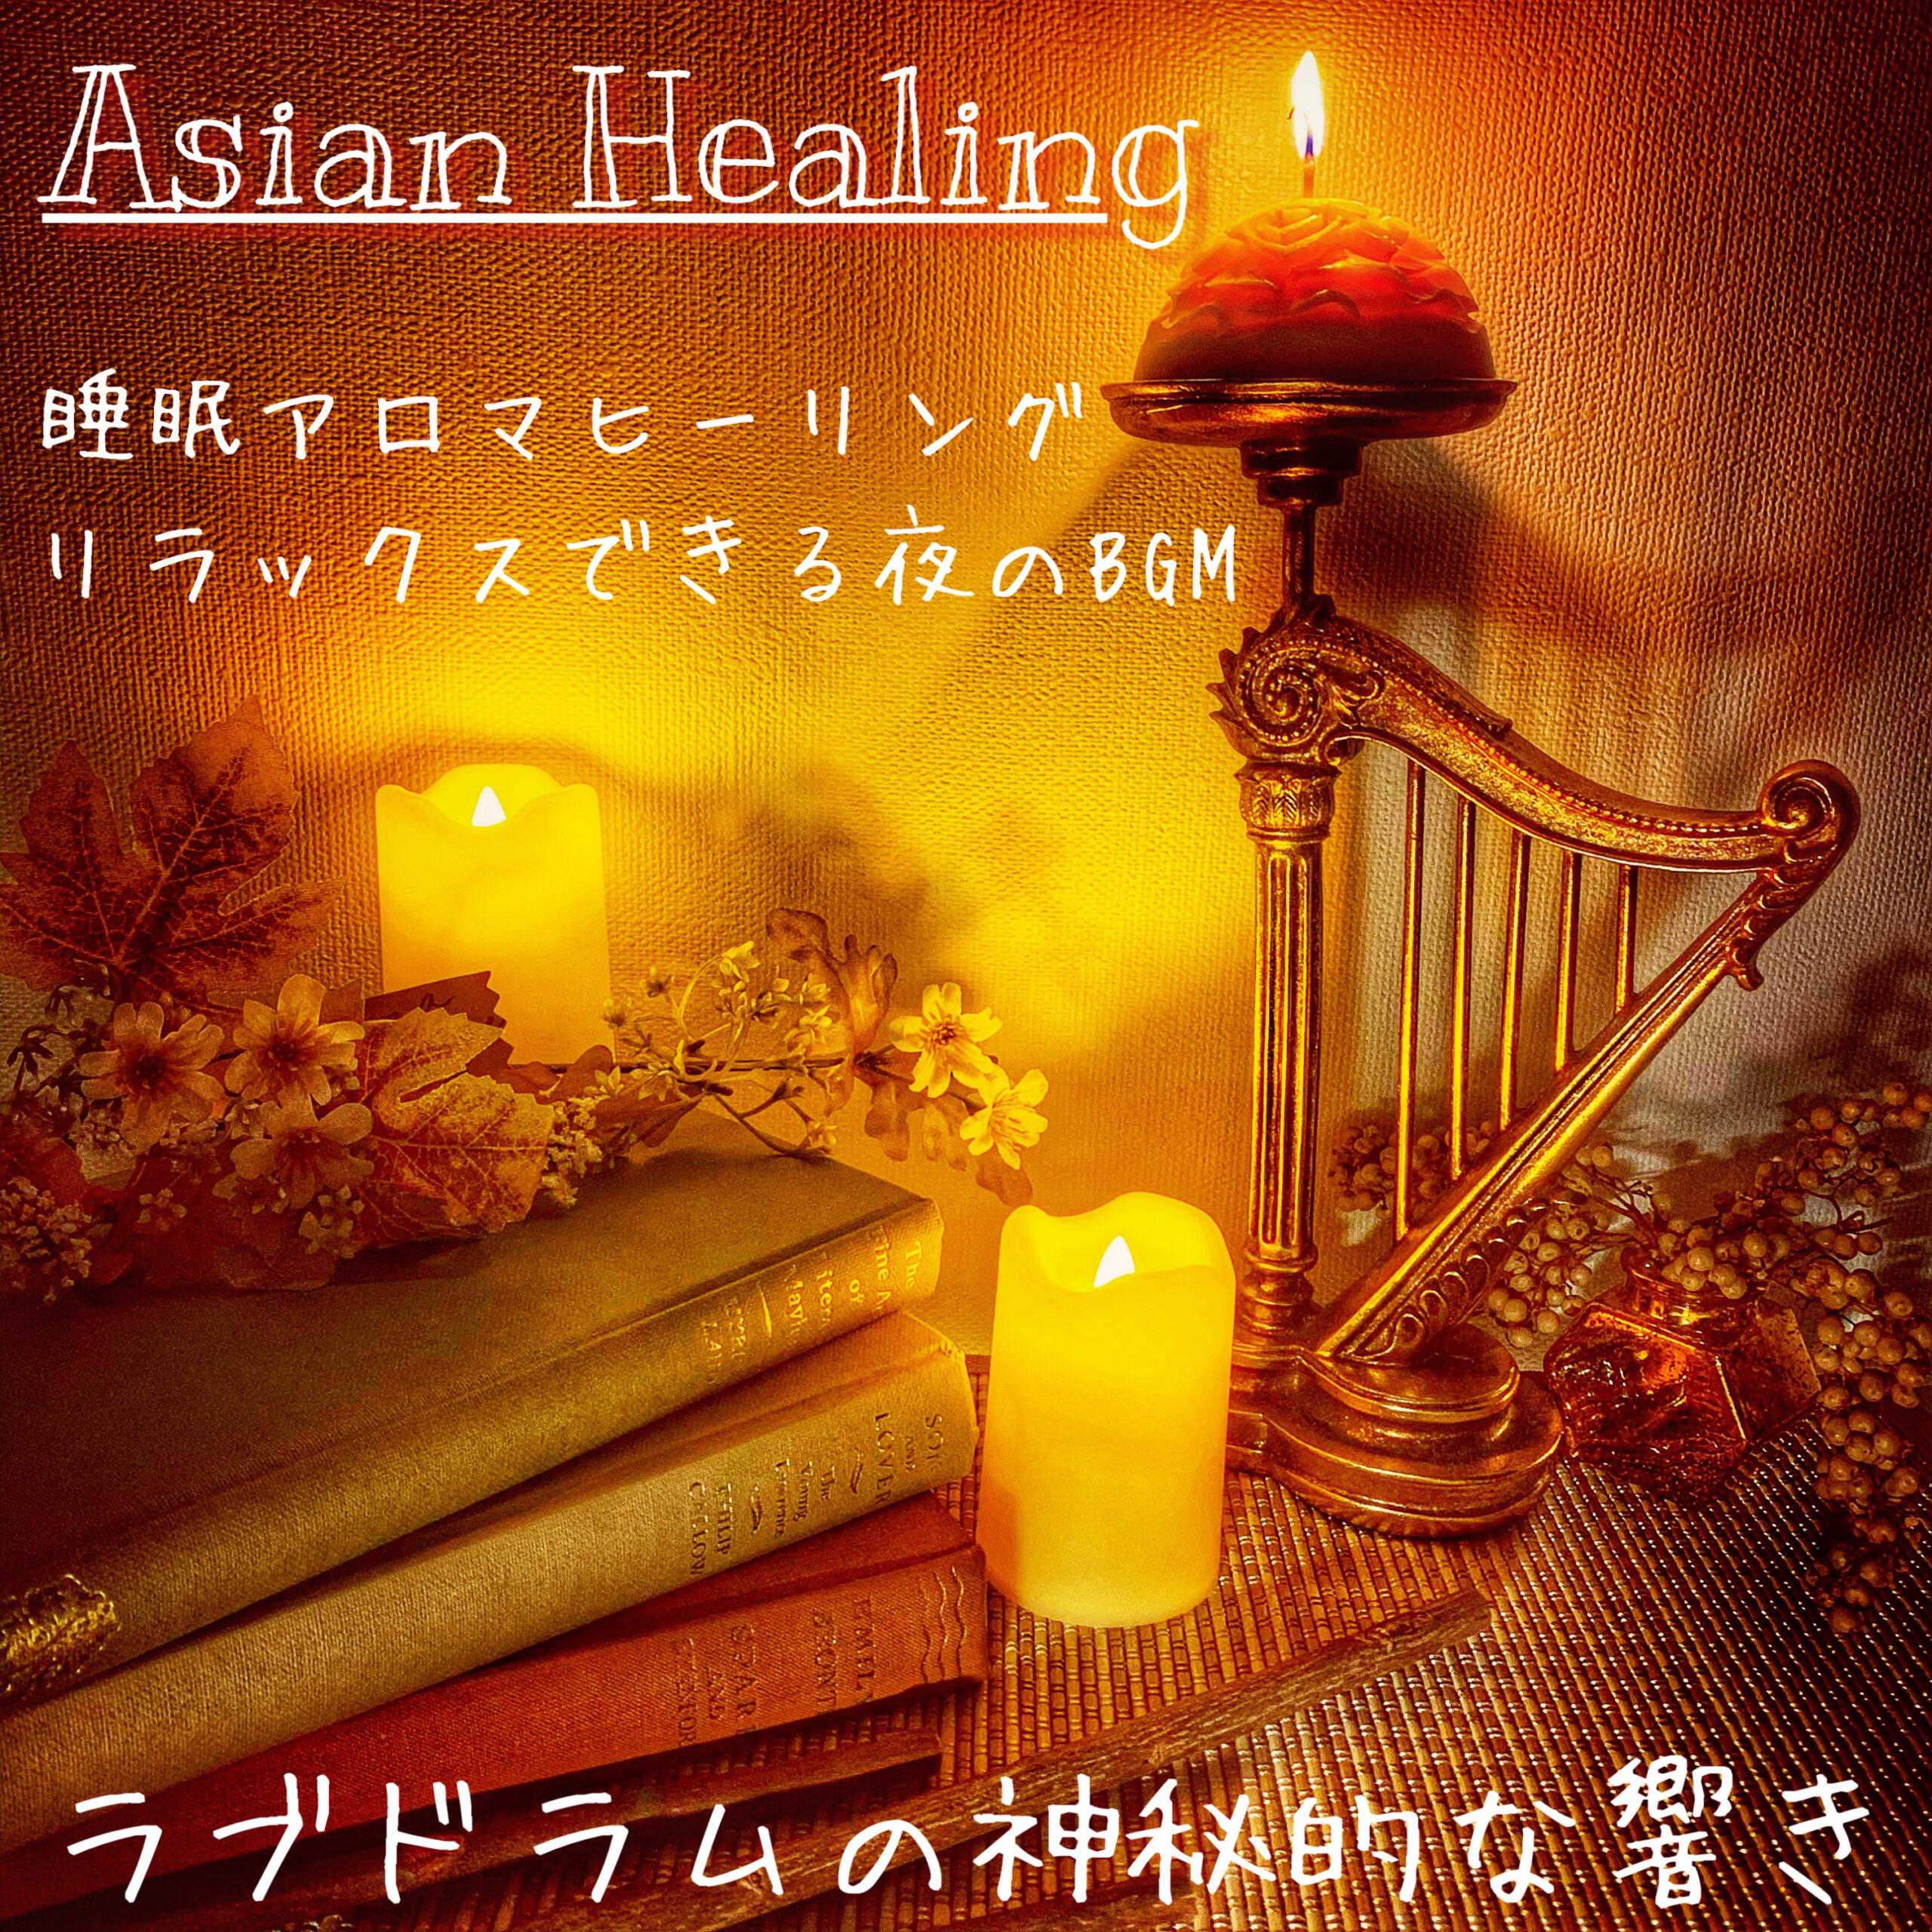 Asian Healing 睡眠アロマヒーリング リラックスできる夜のBGM ラブドラムの神秘的な響き